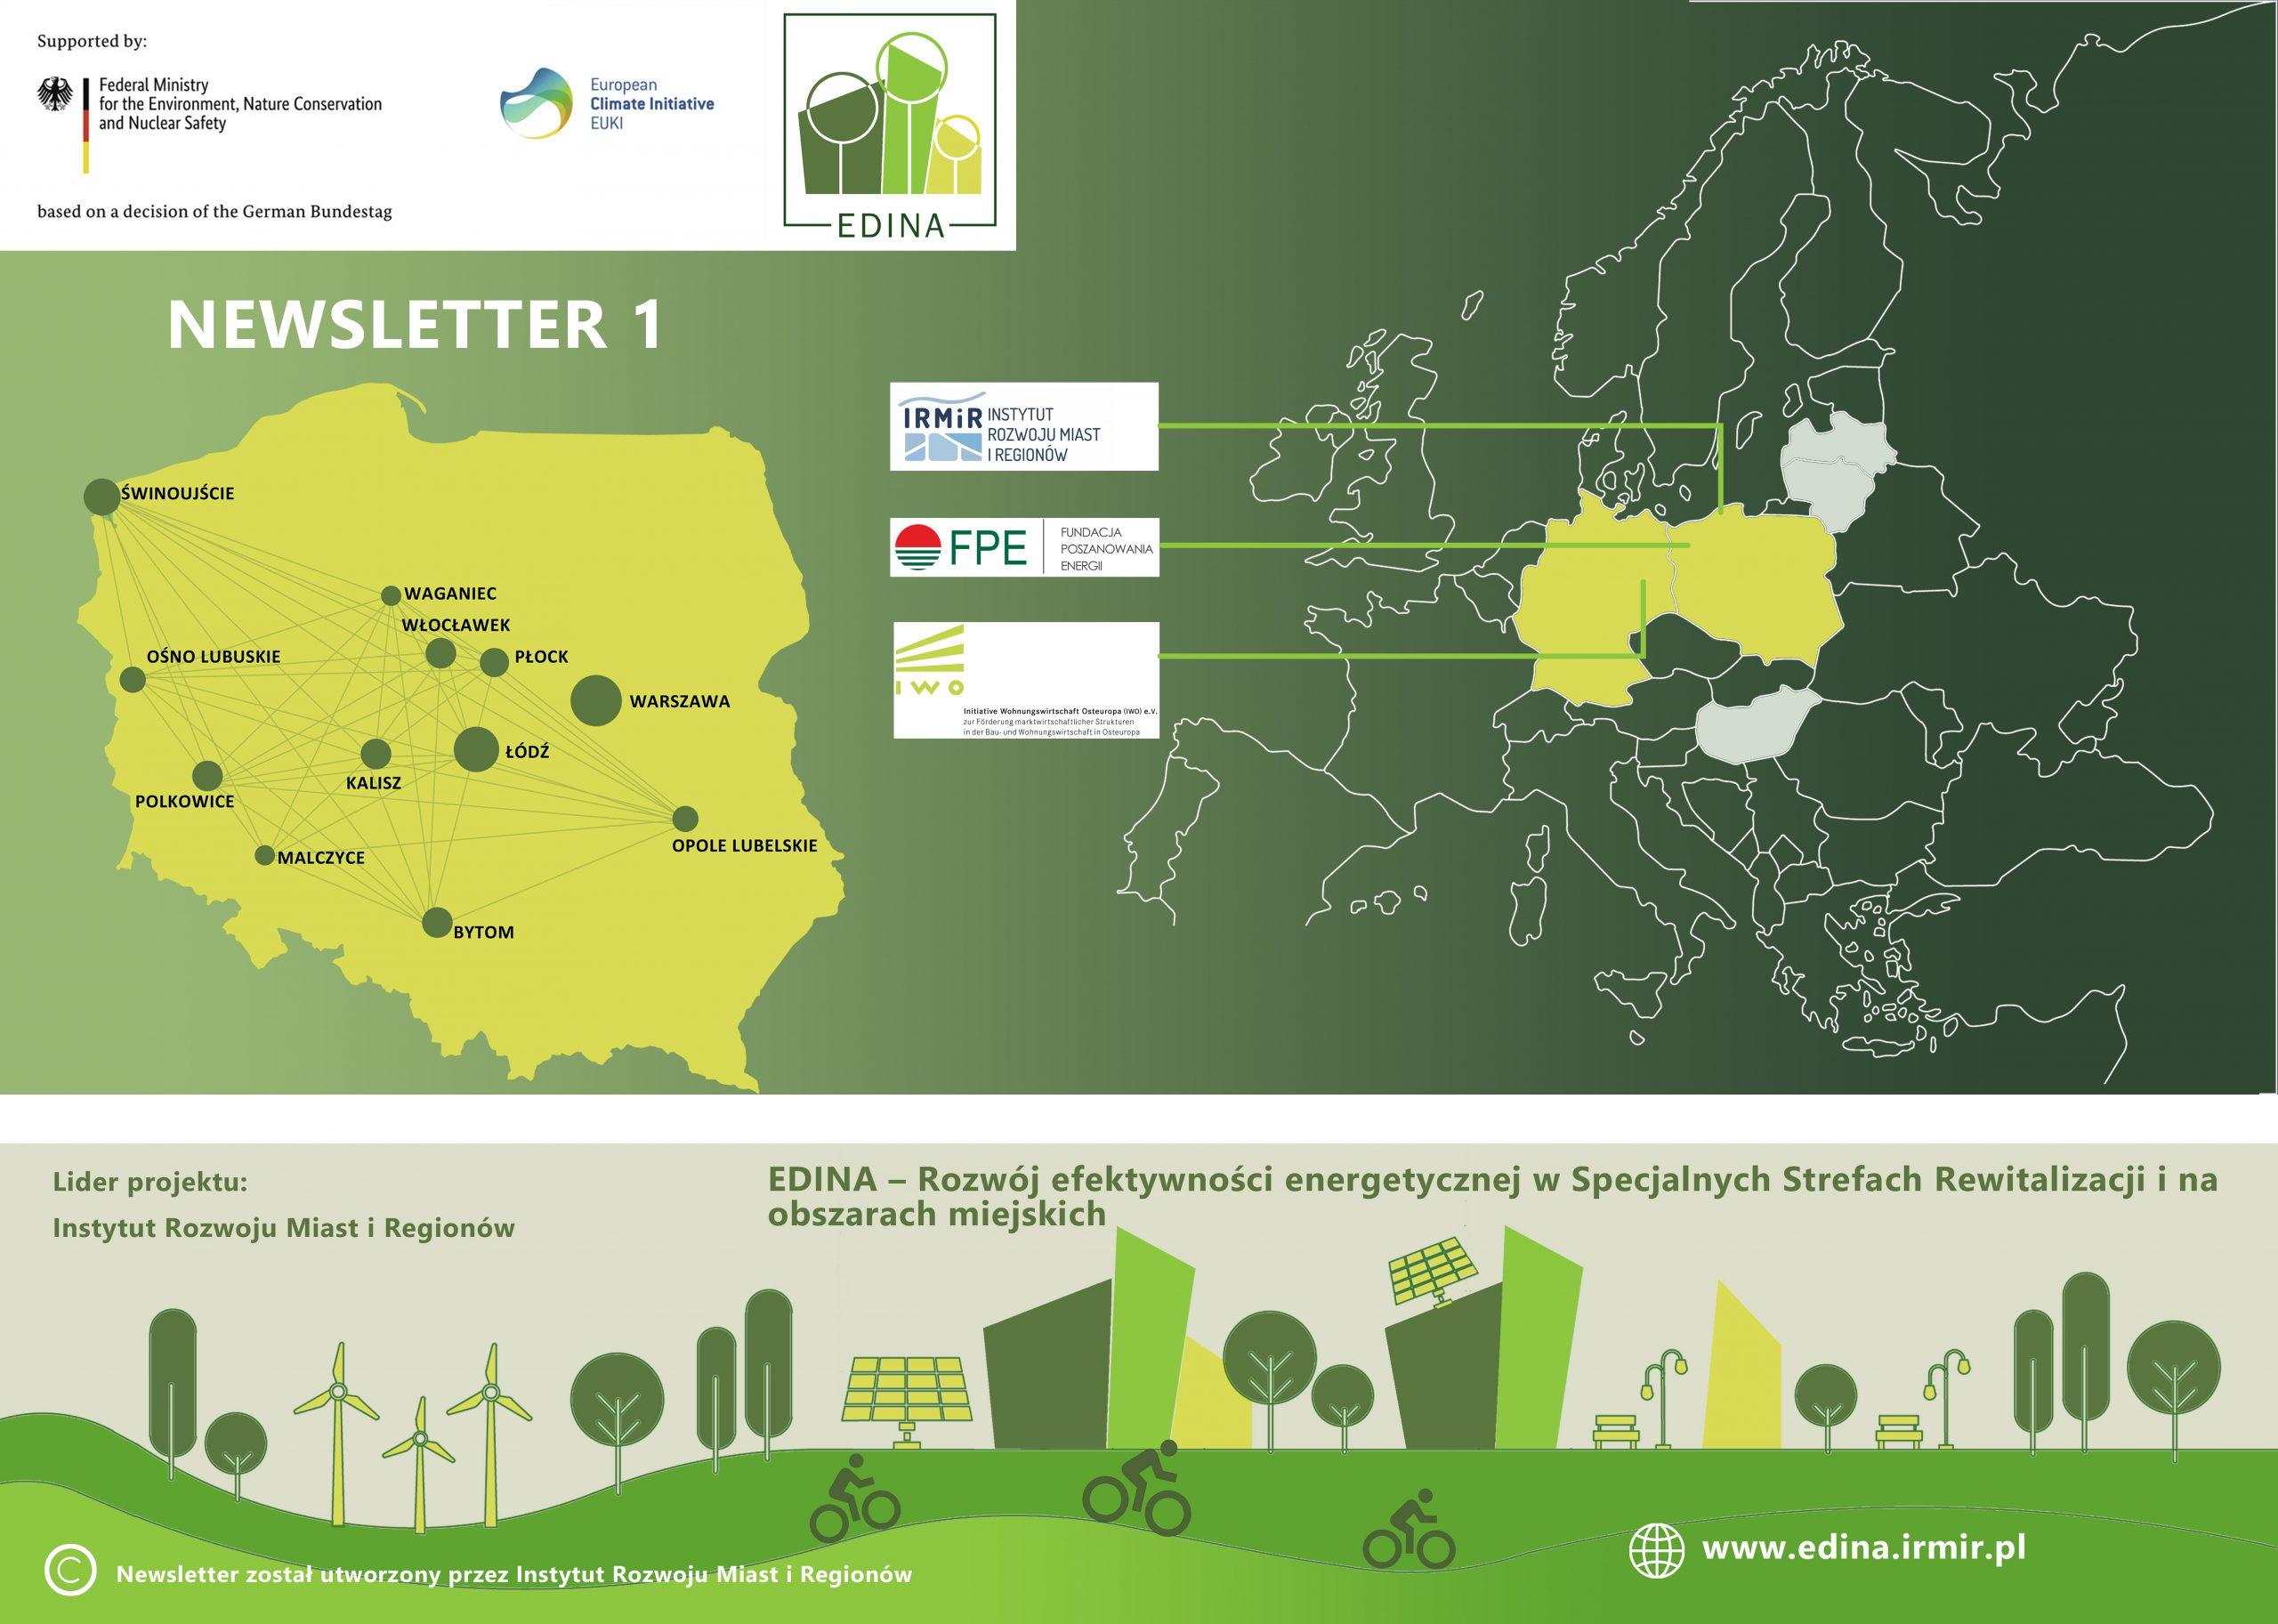 NEWSLETTER – EDINA – Rozwój efektywności energetycznej w Specjalnych Strefach Rewitalizacji i na obszarach miejskich